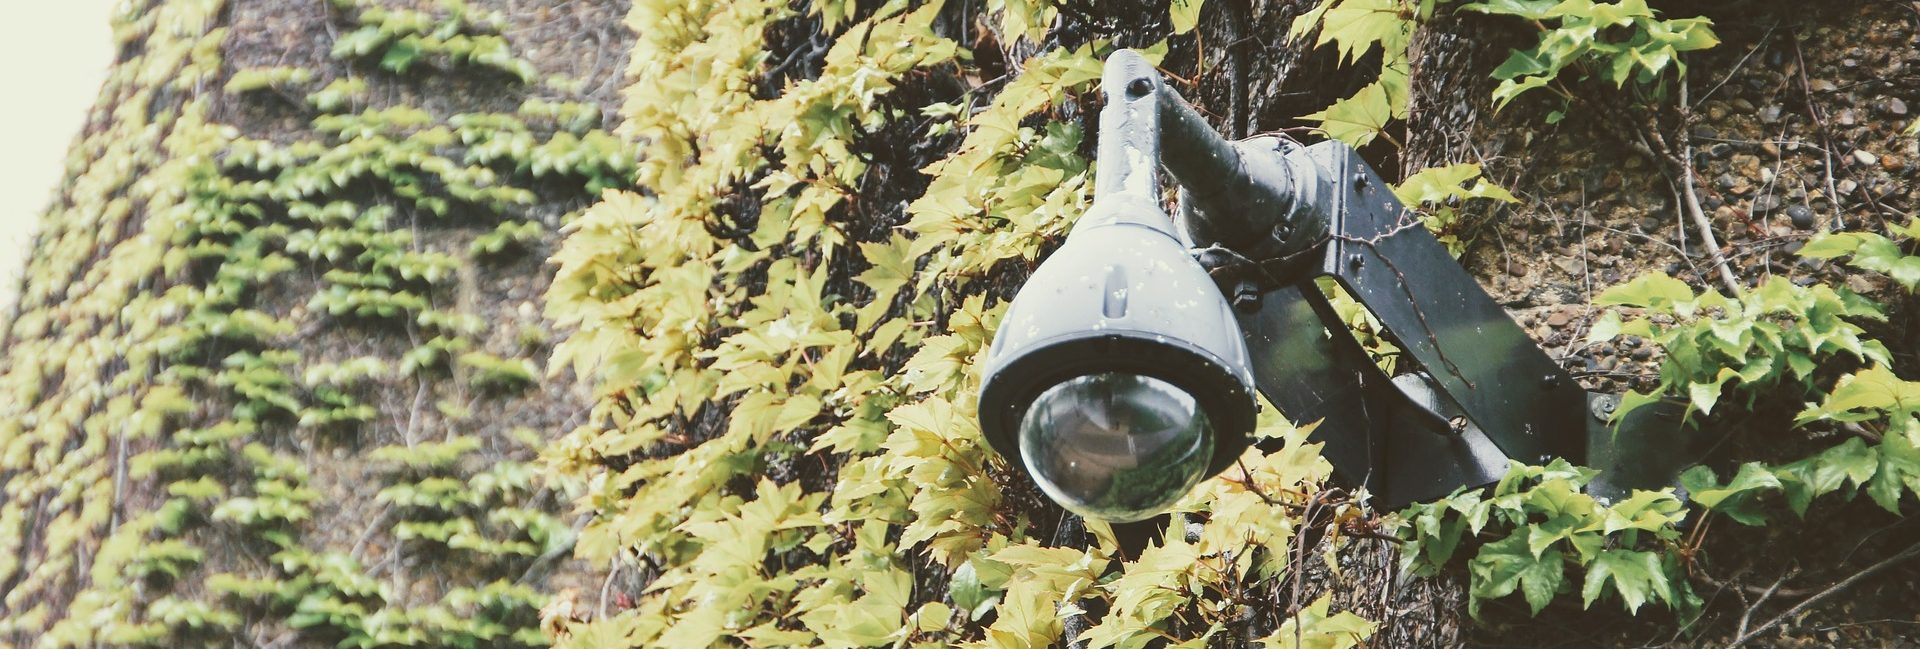 מצלמת אבטחה